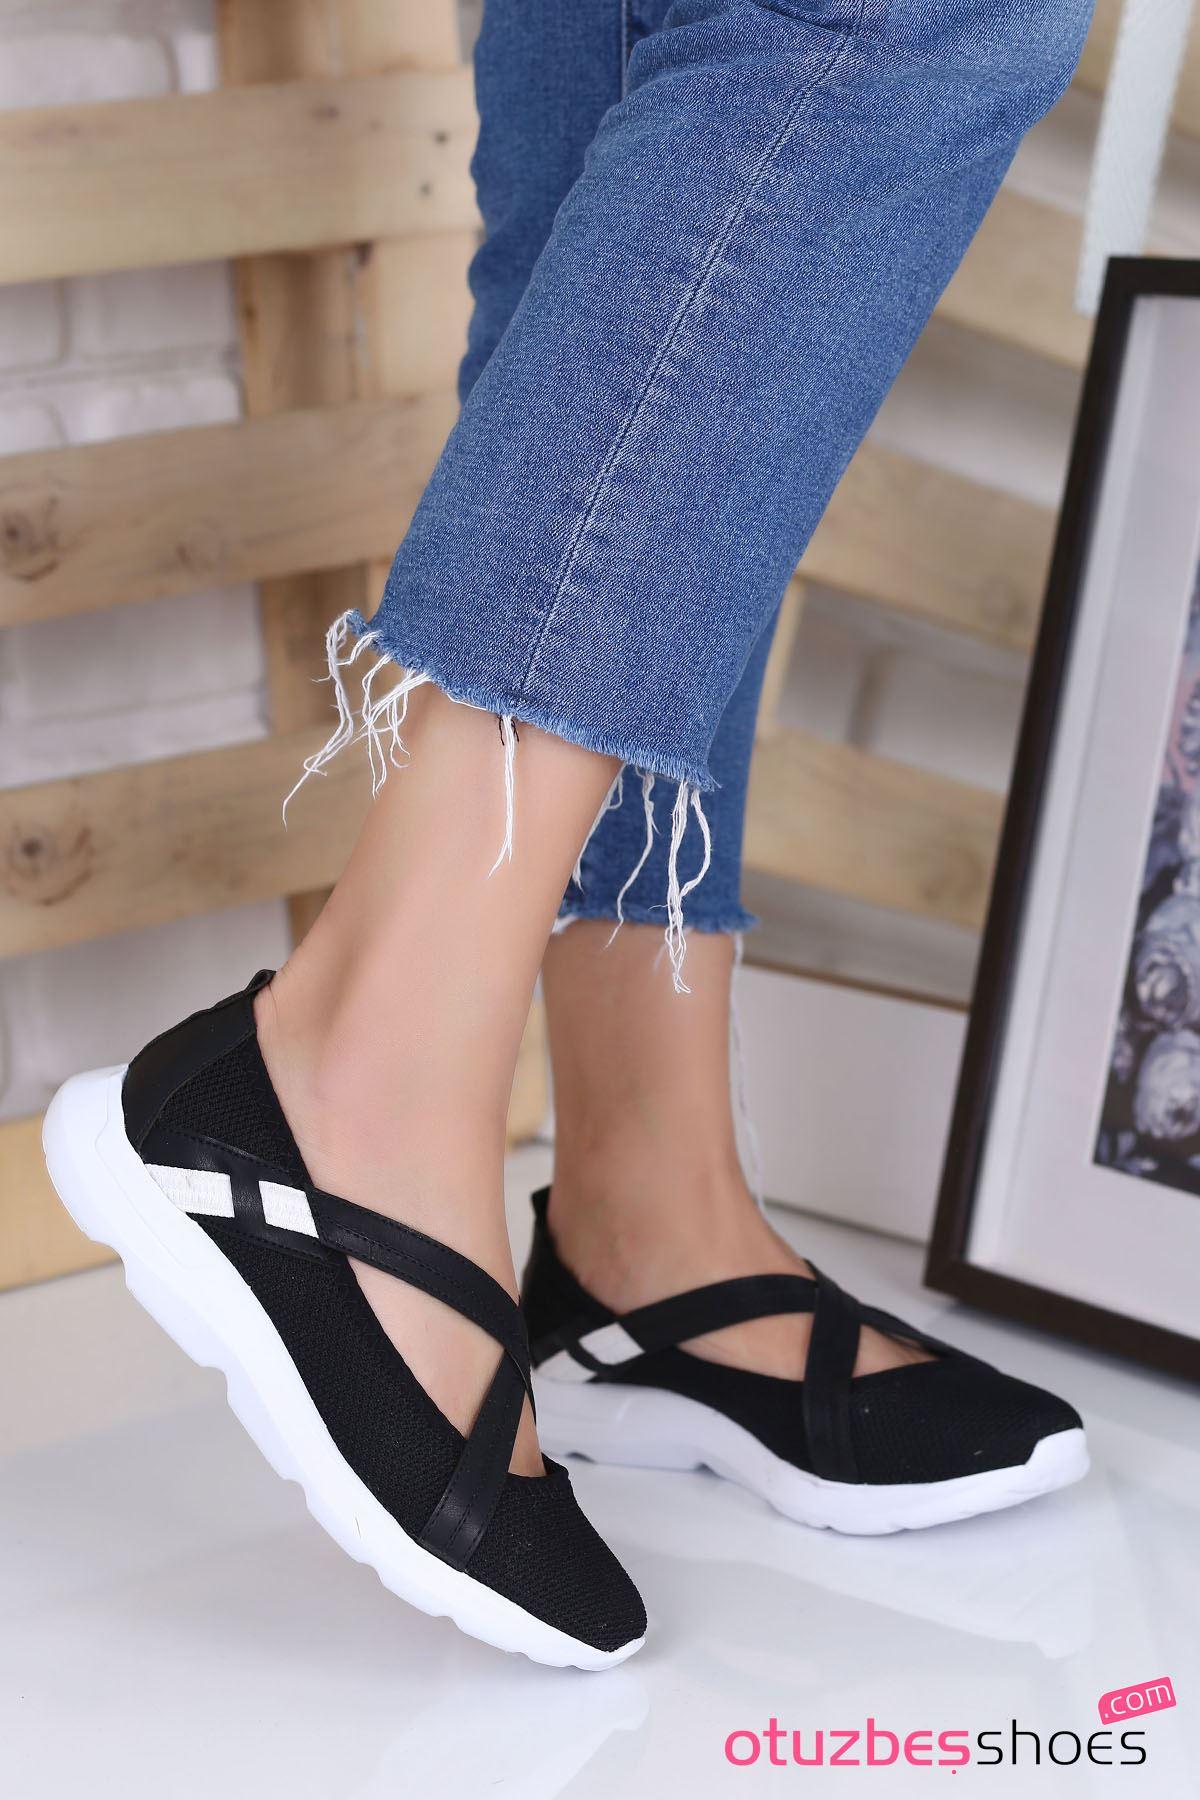 Alara Çapraz Bant Detay Günlük Ayakkabı Siyah